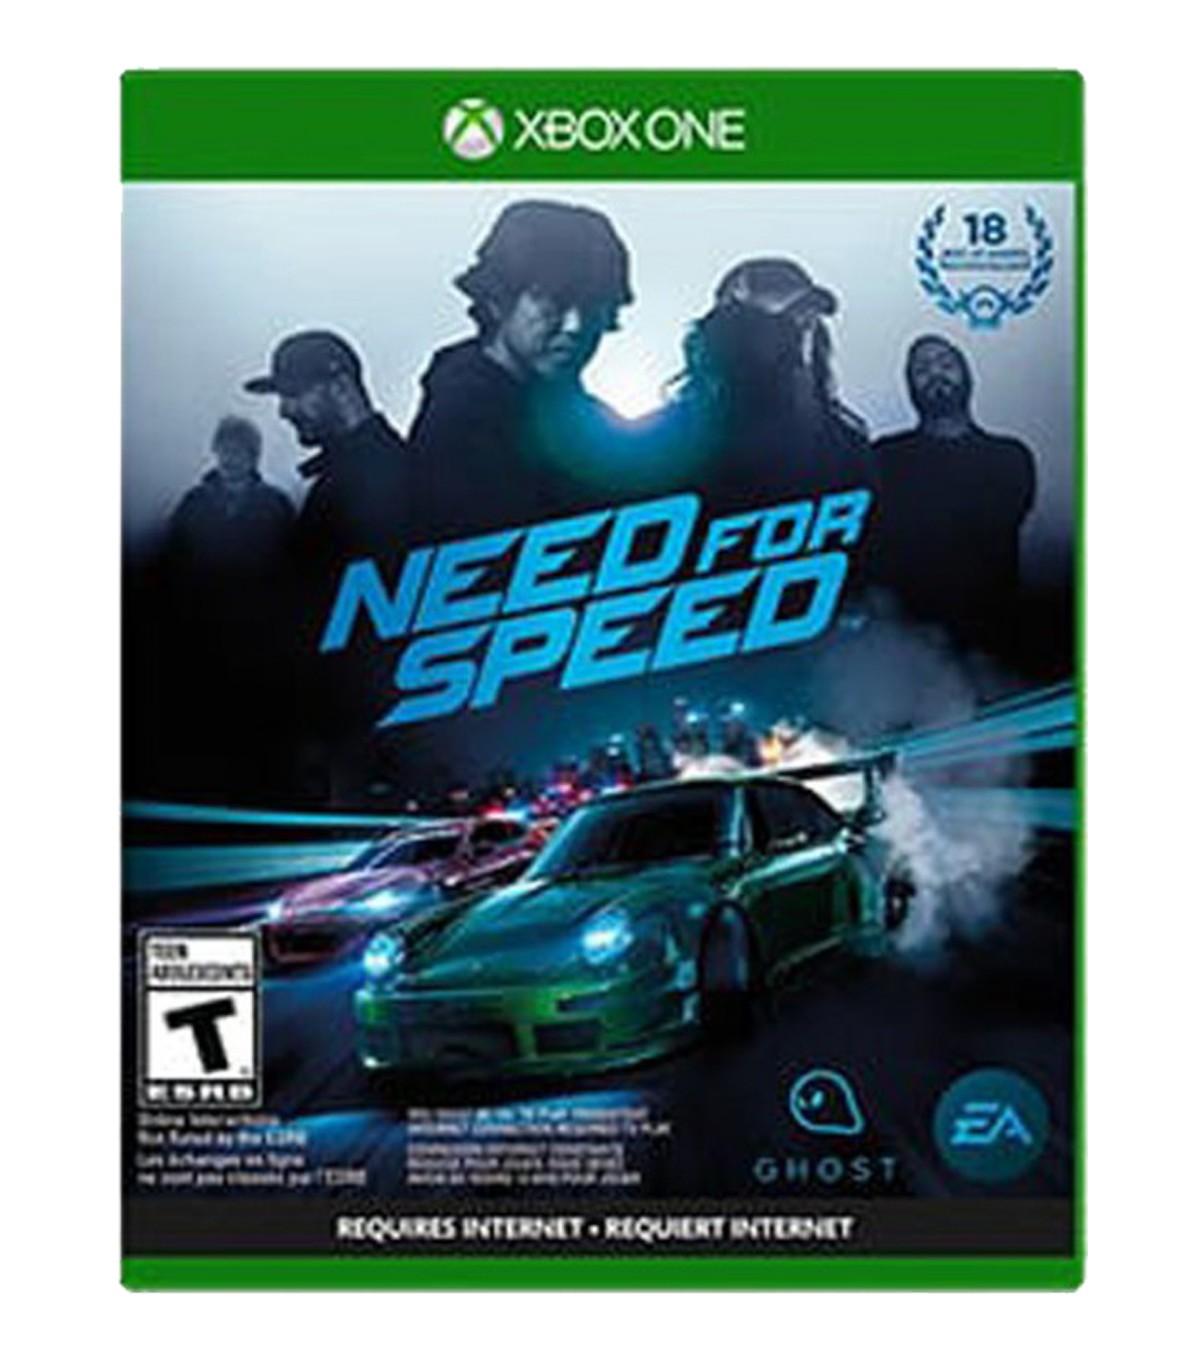 بازی Need For Speed کارکرده - ایکس باکس وان